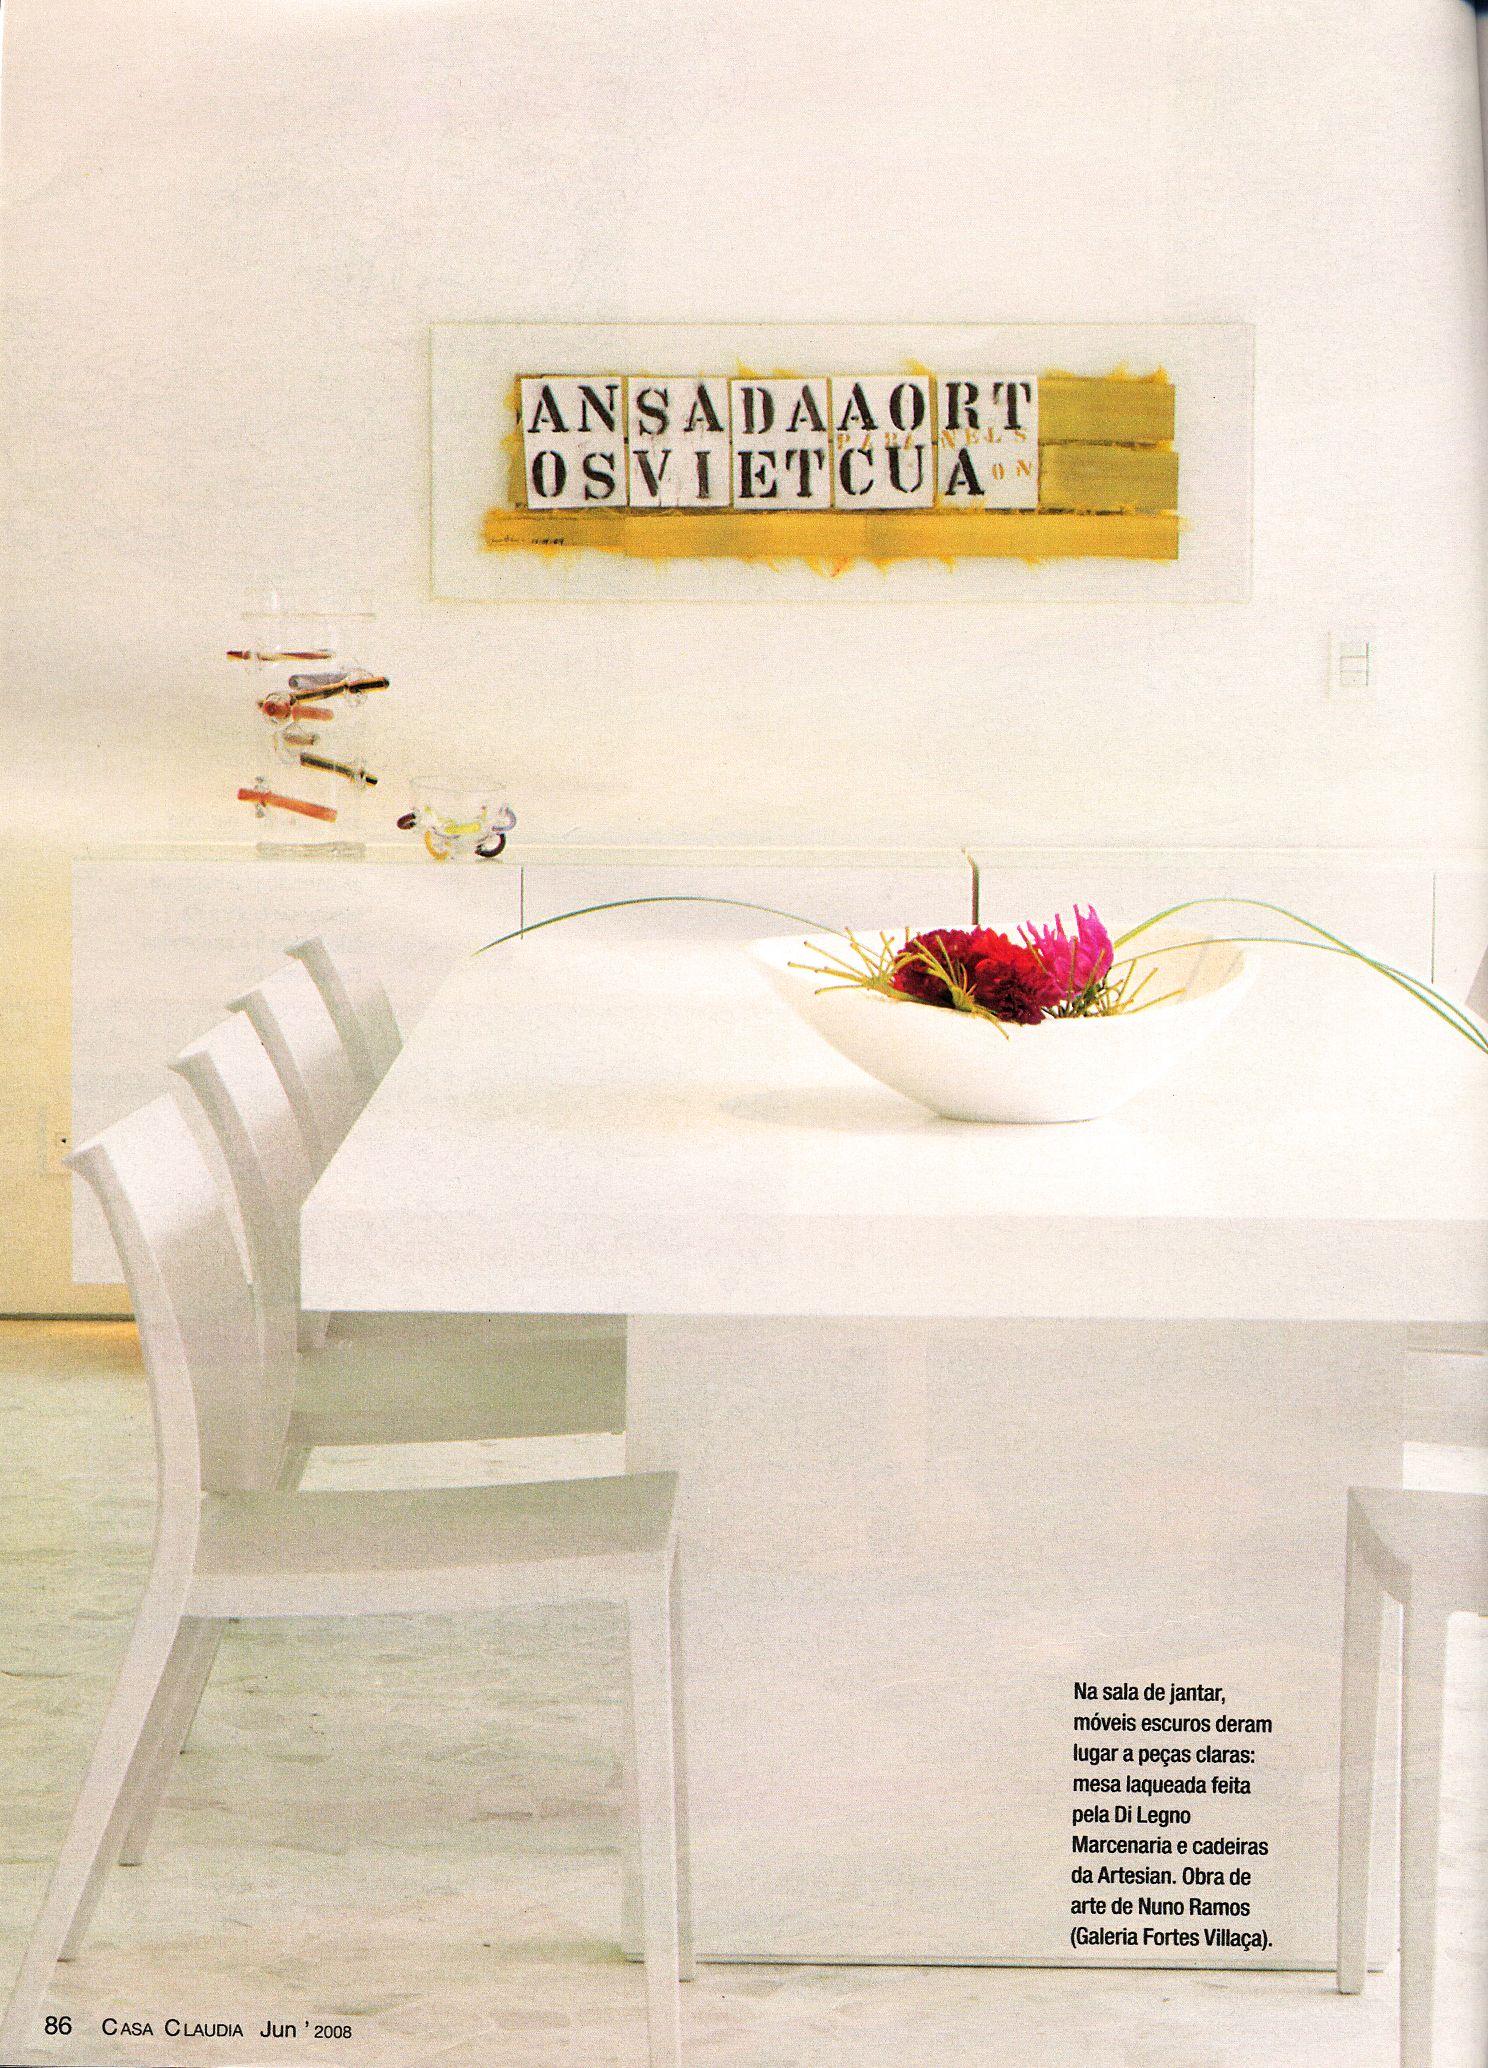 Projeto Masscá - Residencia Unifamiliar   sala de jantar/dinner room